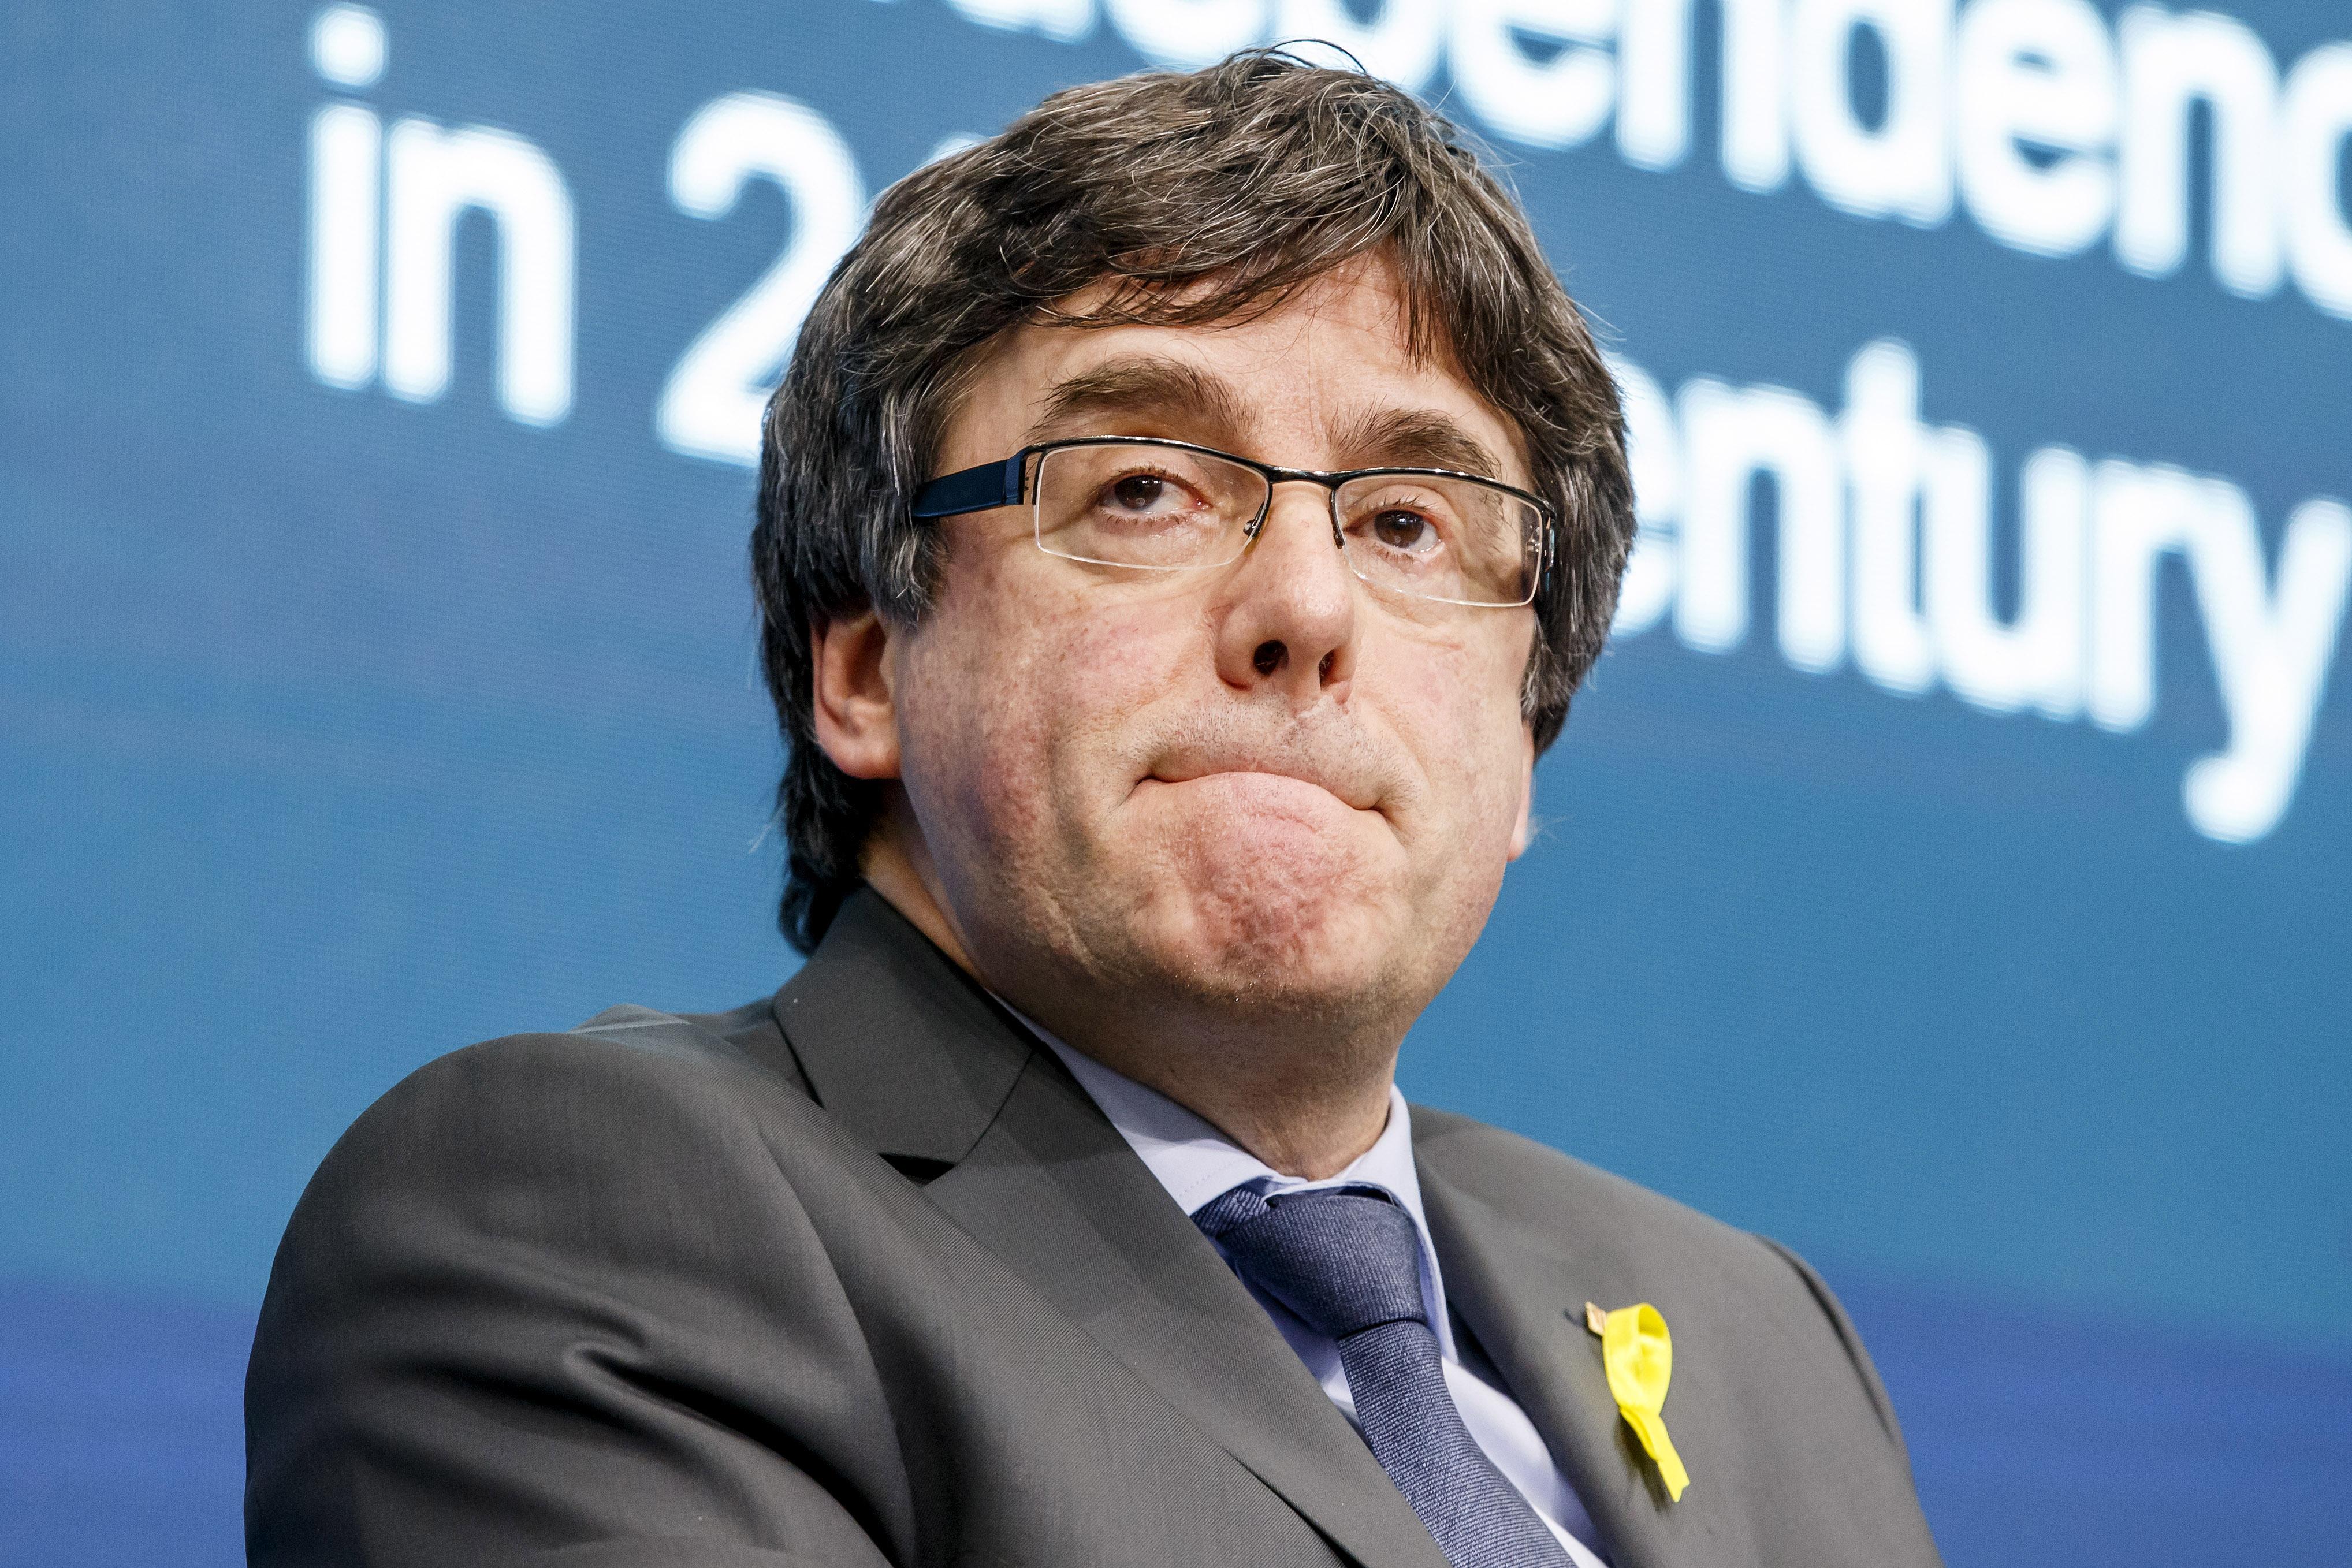 Germania: Puigdemont sarà estradato in Spagna per malversazione